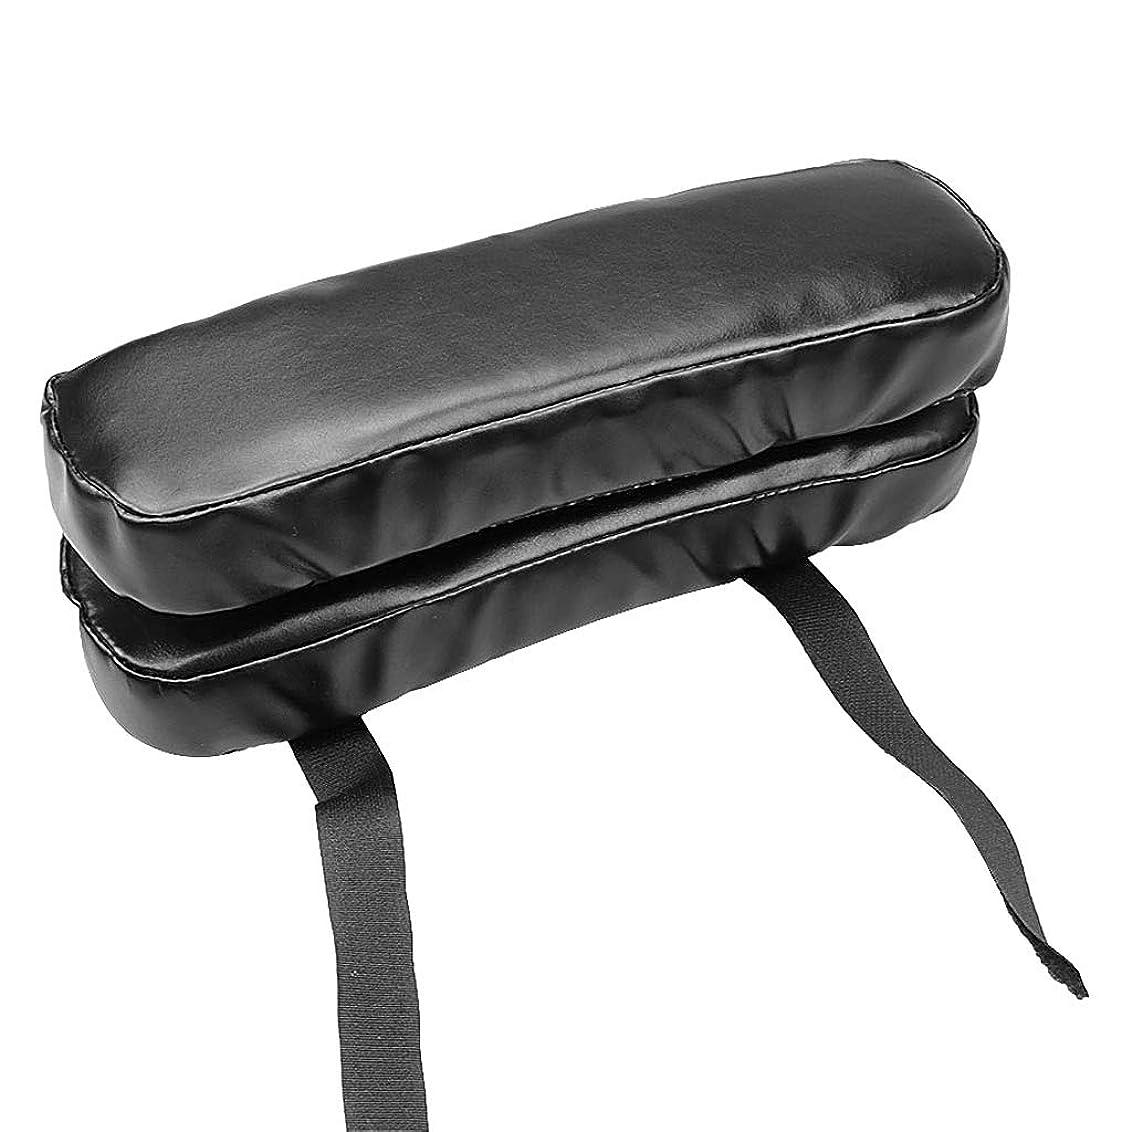 補償比較的夕食を作るLamdoo puレザーチェアアームレストパッドクッション低反発ソフト反発肘肘枕オフィス車の椅子